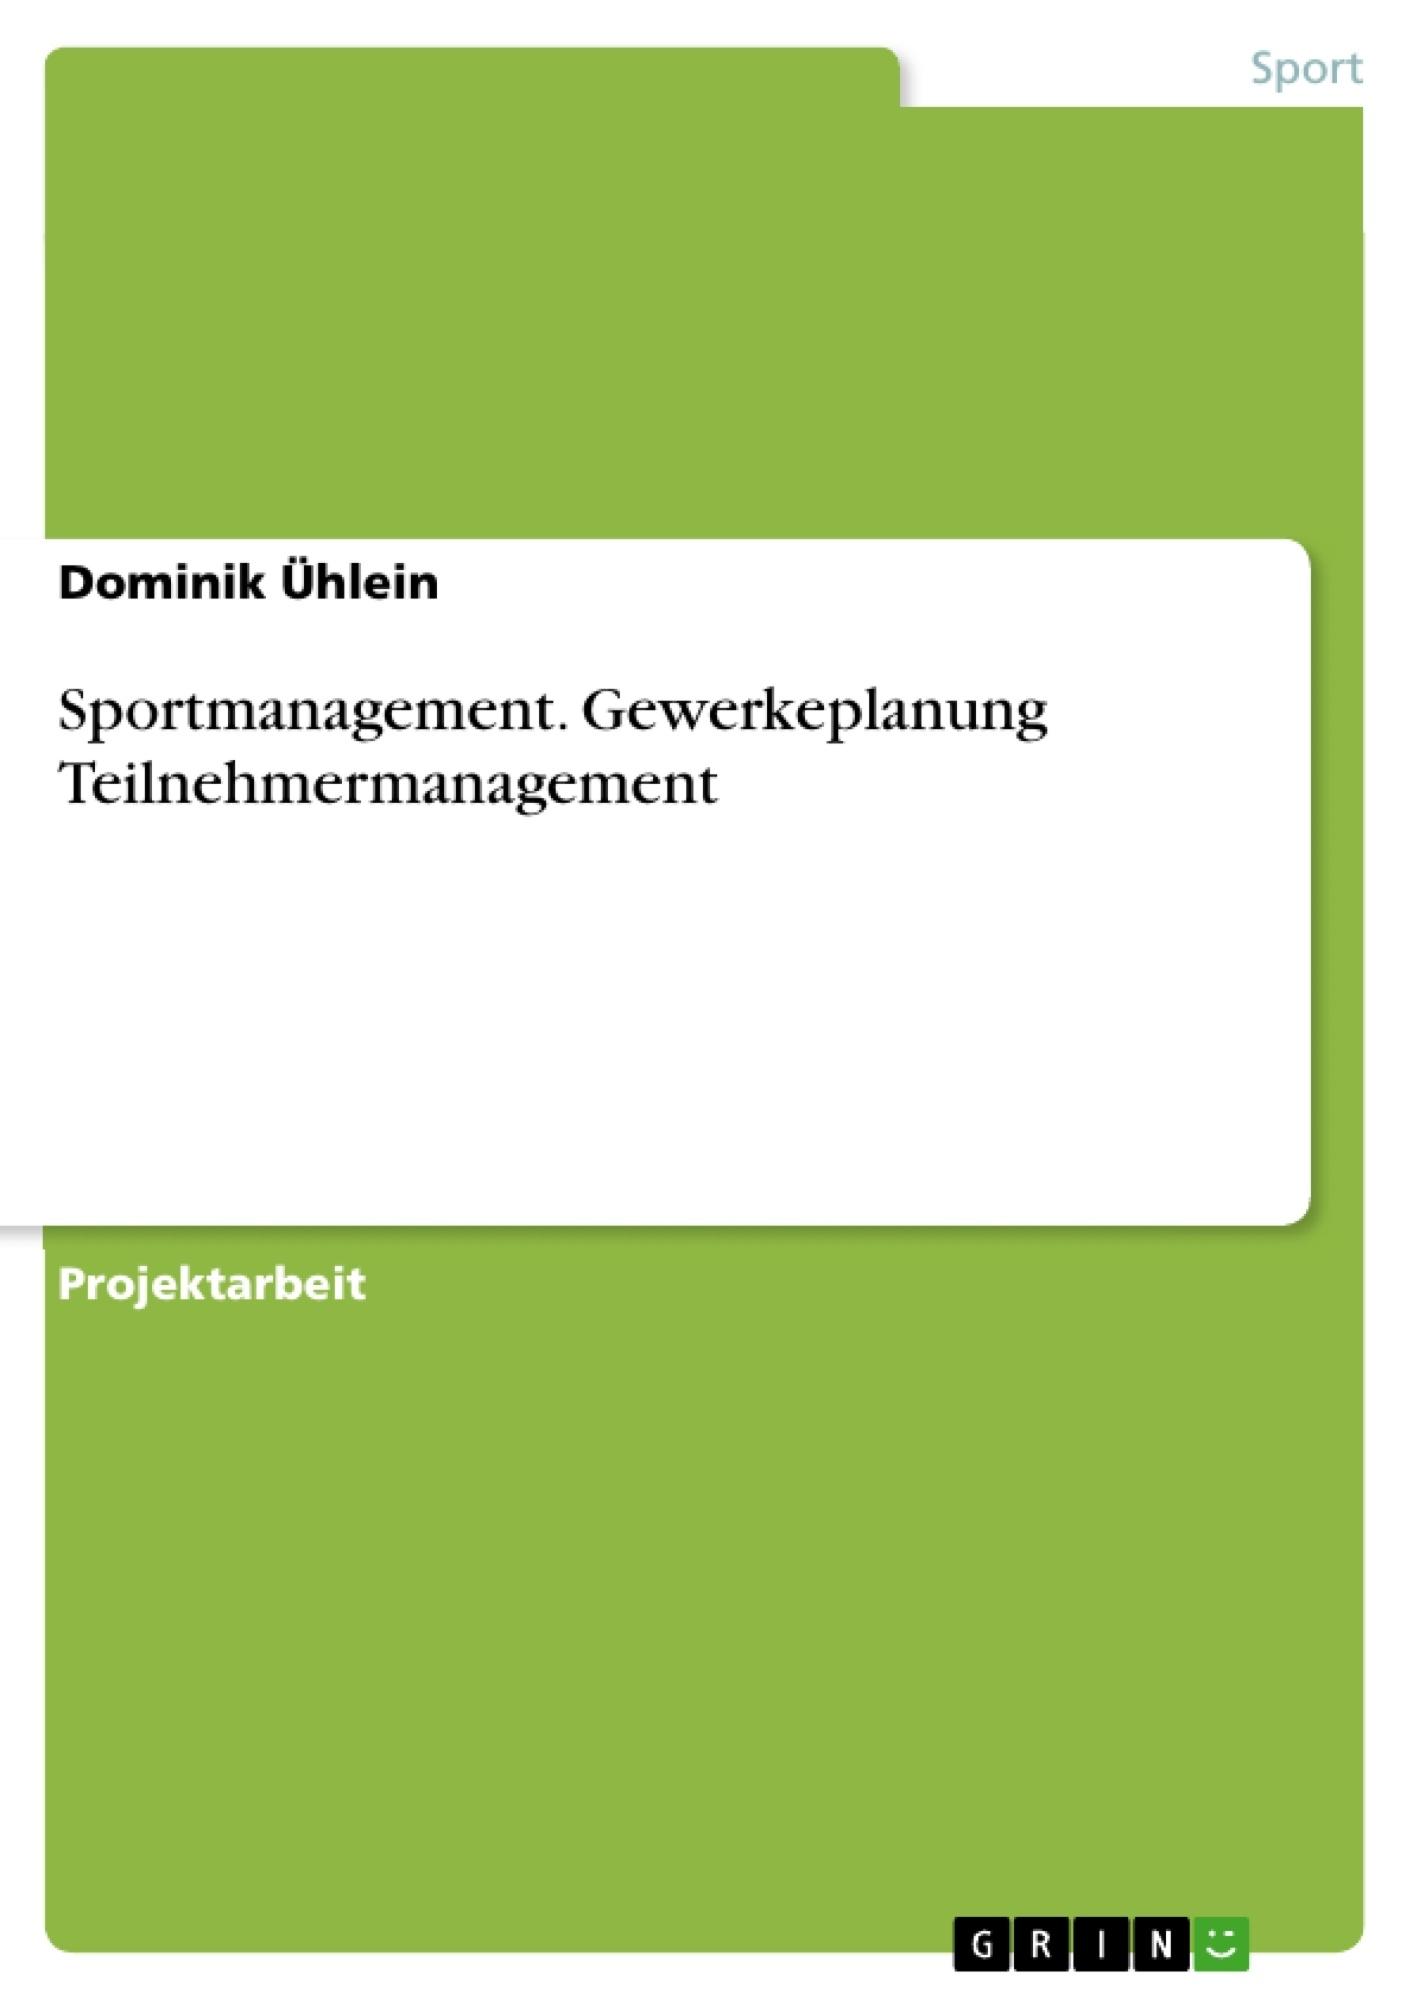 Titel: Sportmanagement. Gewerkeplanung Teilnehmermanagement